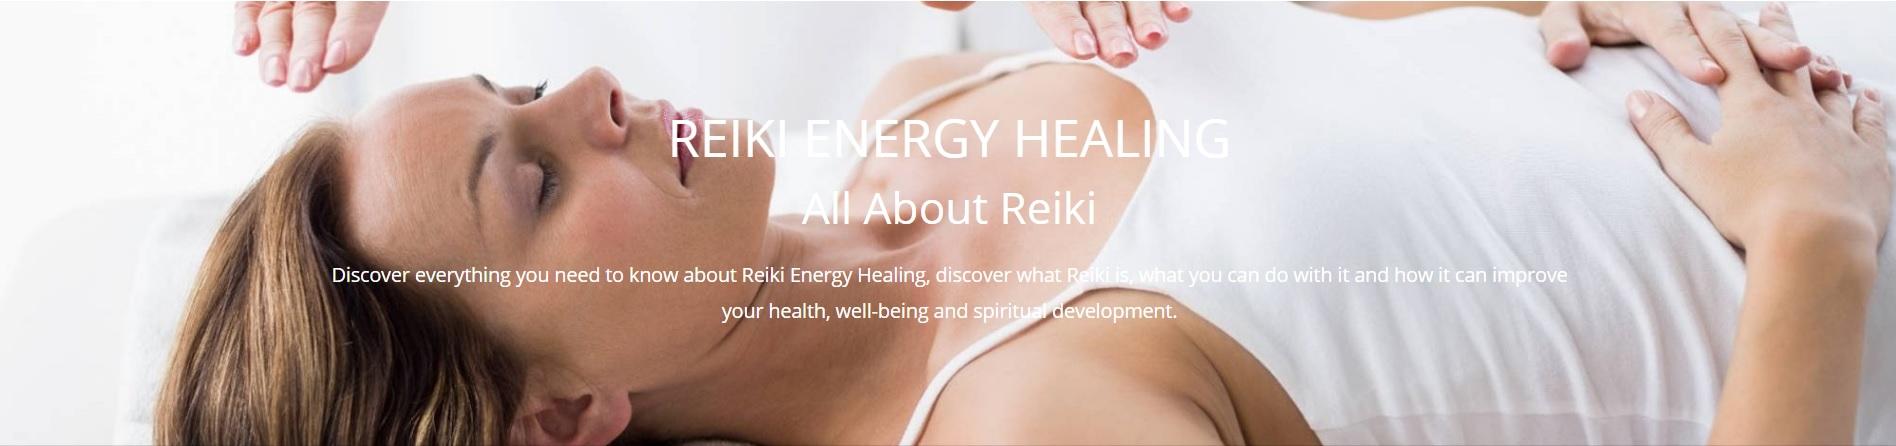 Wat is reiki energy healing